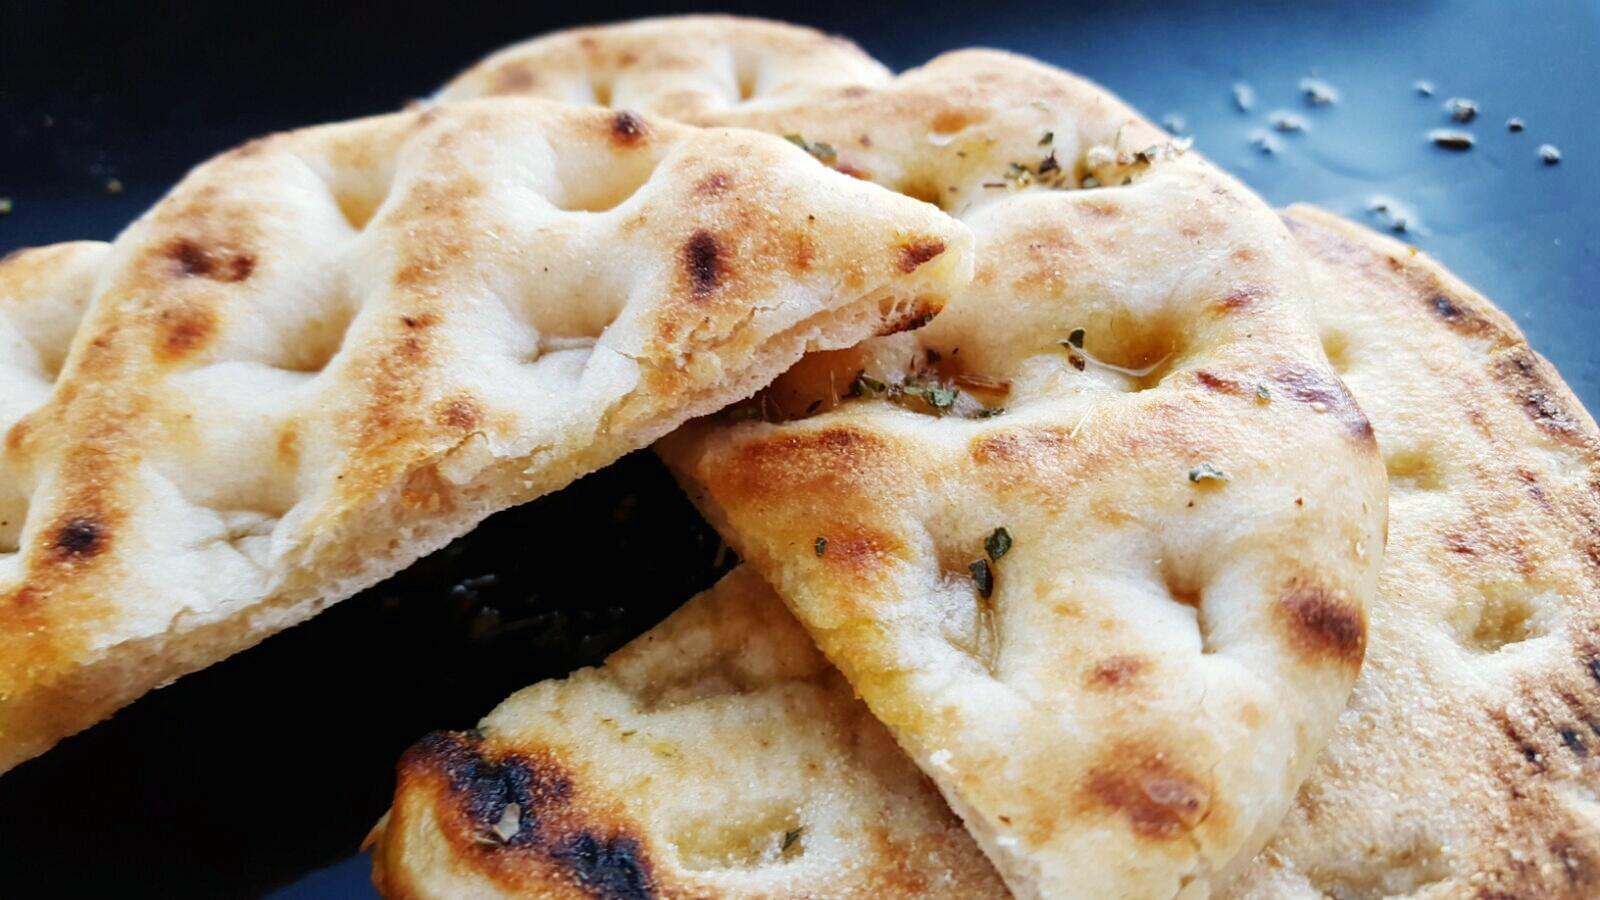 Pita Bread Getty 2/7/20